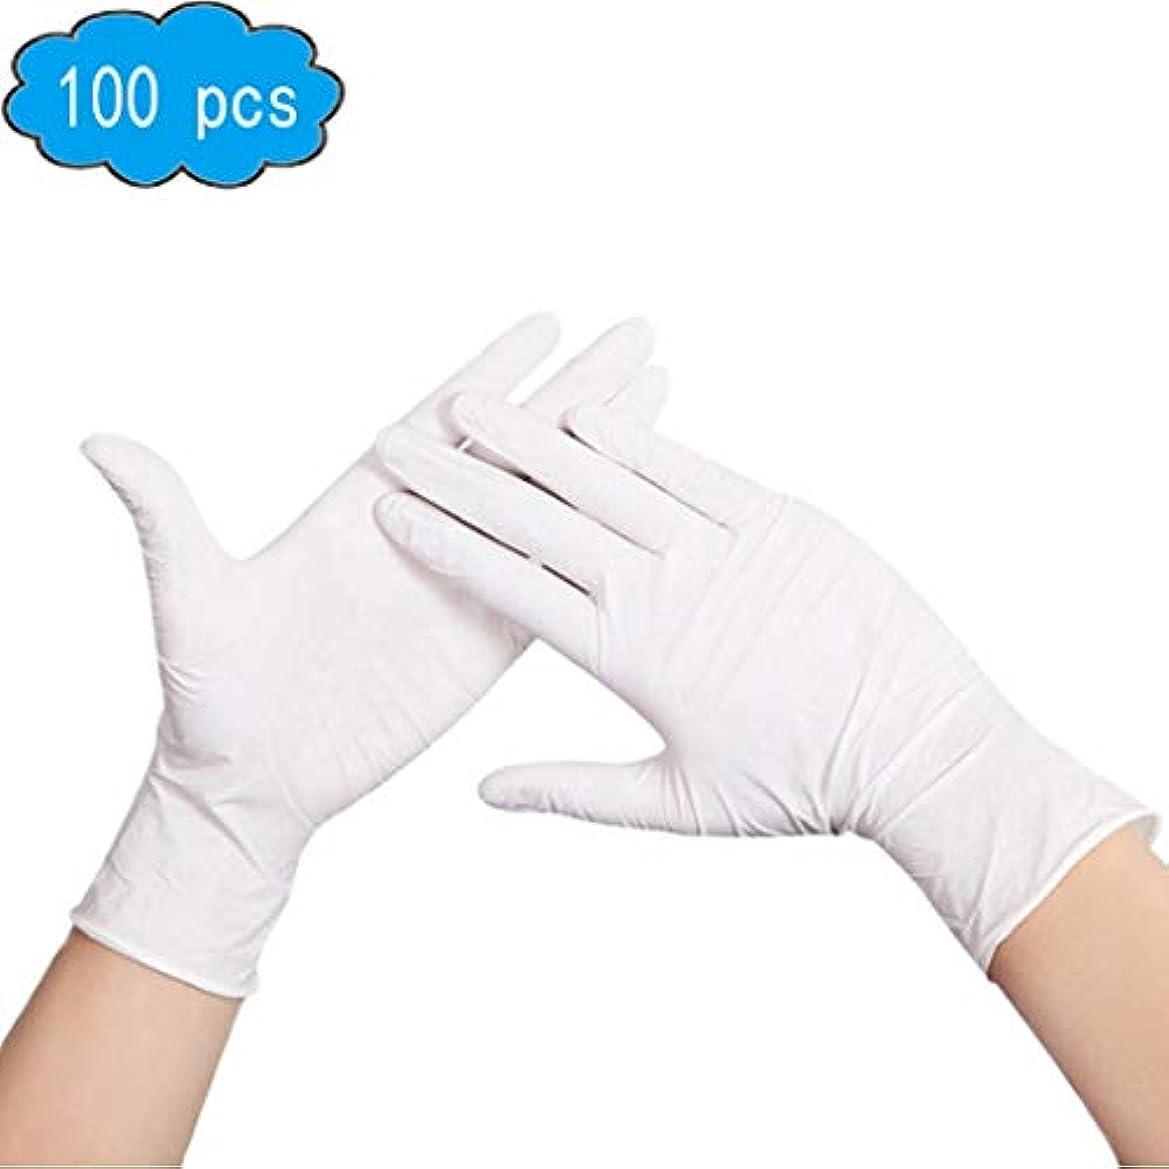 知覚報酬炎上ニトリル手袋、ラテックス医療検査用パウダーフリーの使い捨て手袋サイズ中 - 9